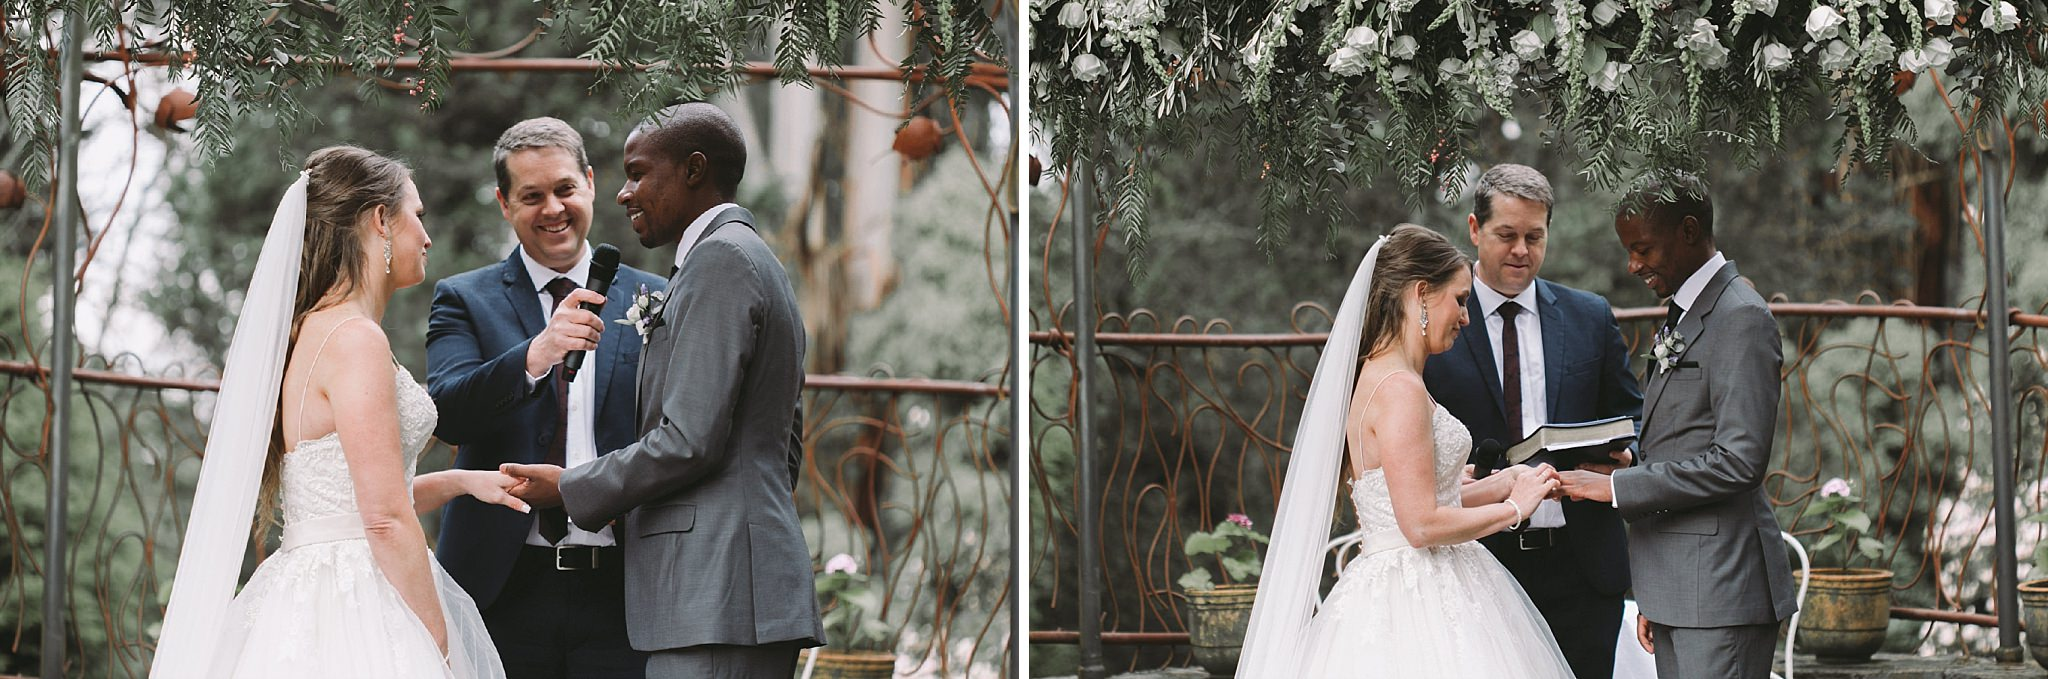 Tatra Dandenong Wedding Photography Natural Candid (57).JPG